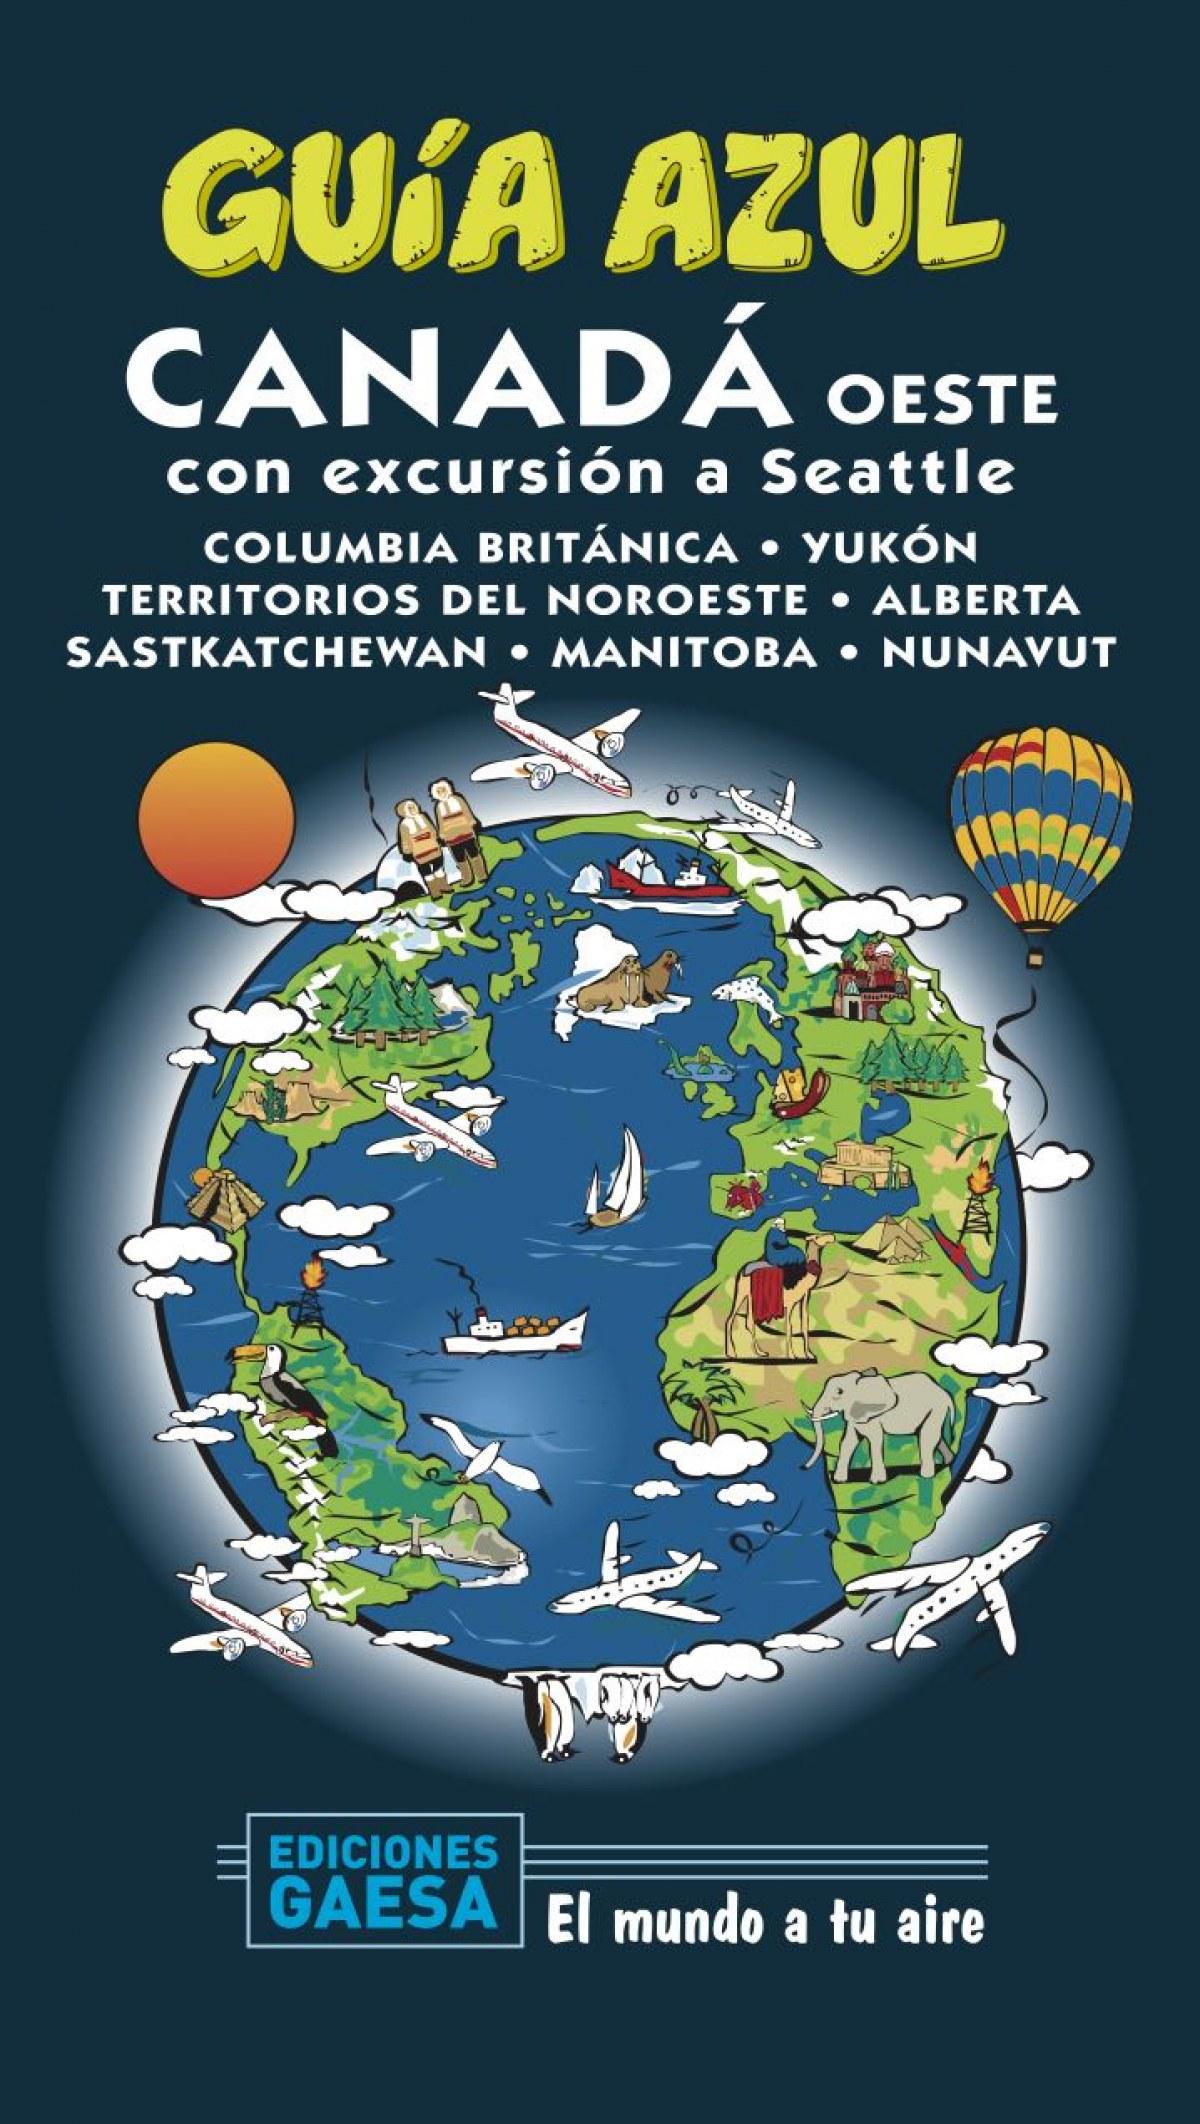 Canadá Oeste Novedad